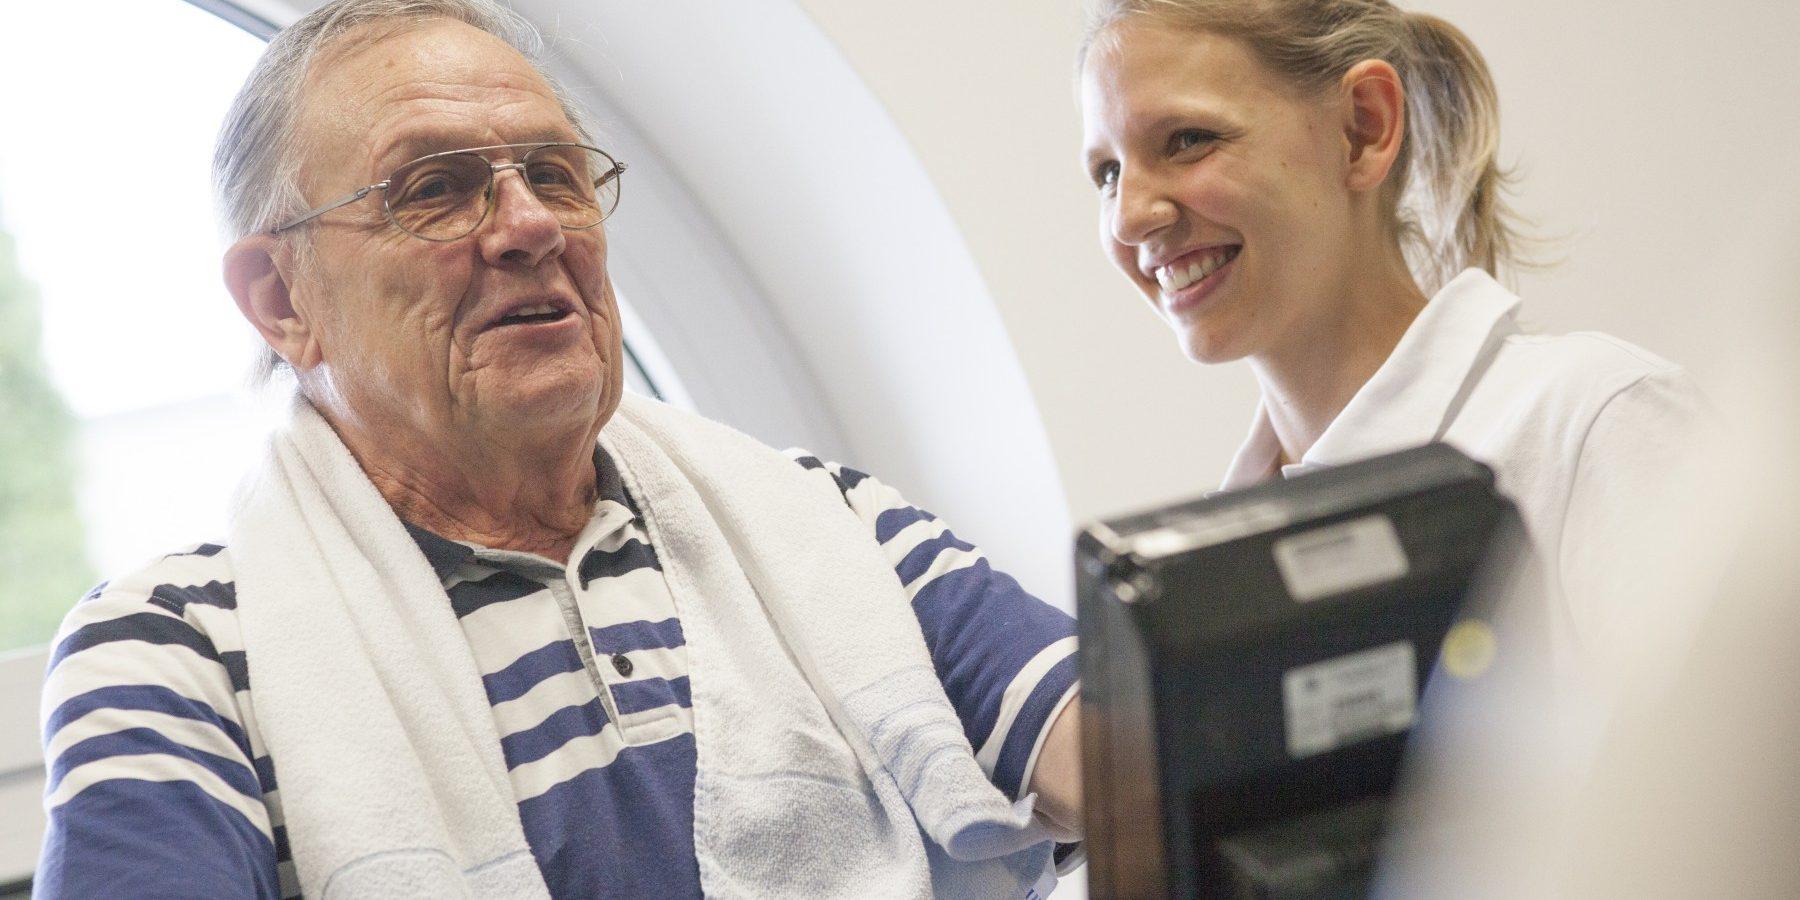 Hochintensives Intervalltraining bei Patienten mit koronarer Herzerkrankung (KHK) mit Herzinsuffizienz (CHF-HFrEF)